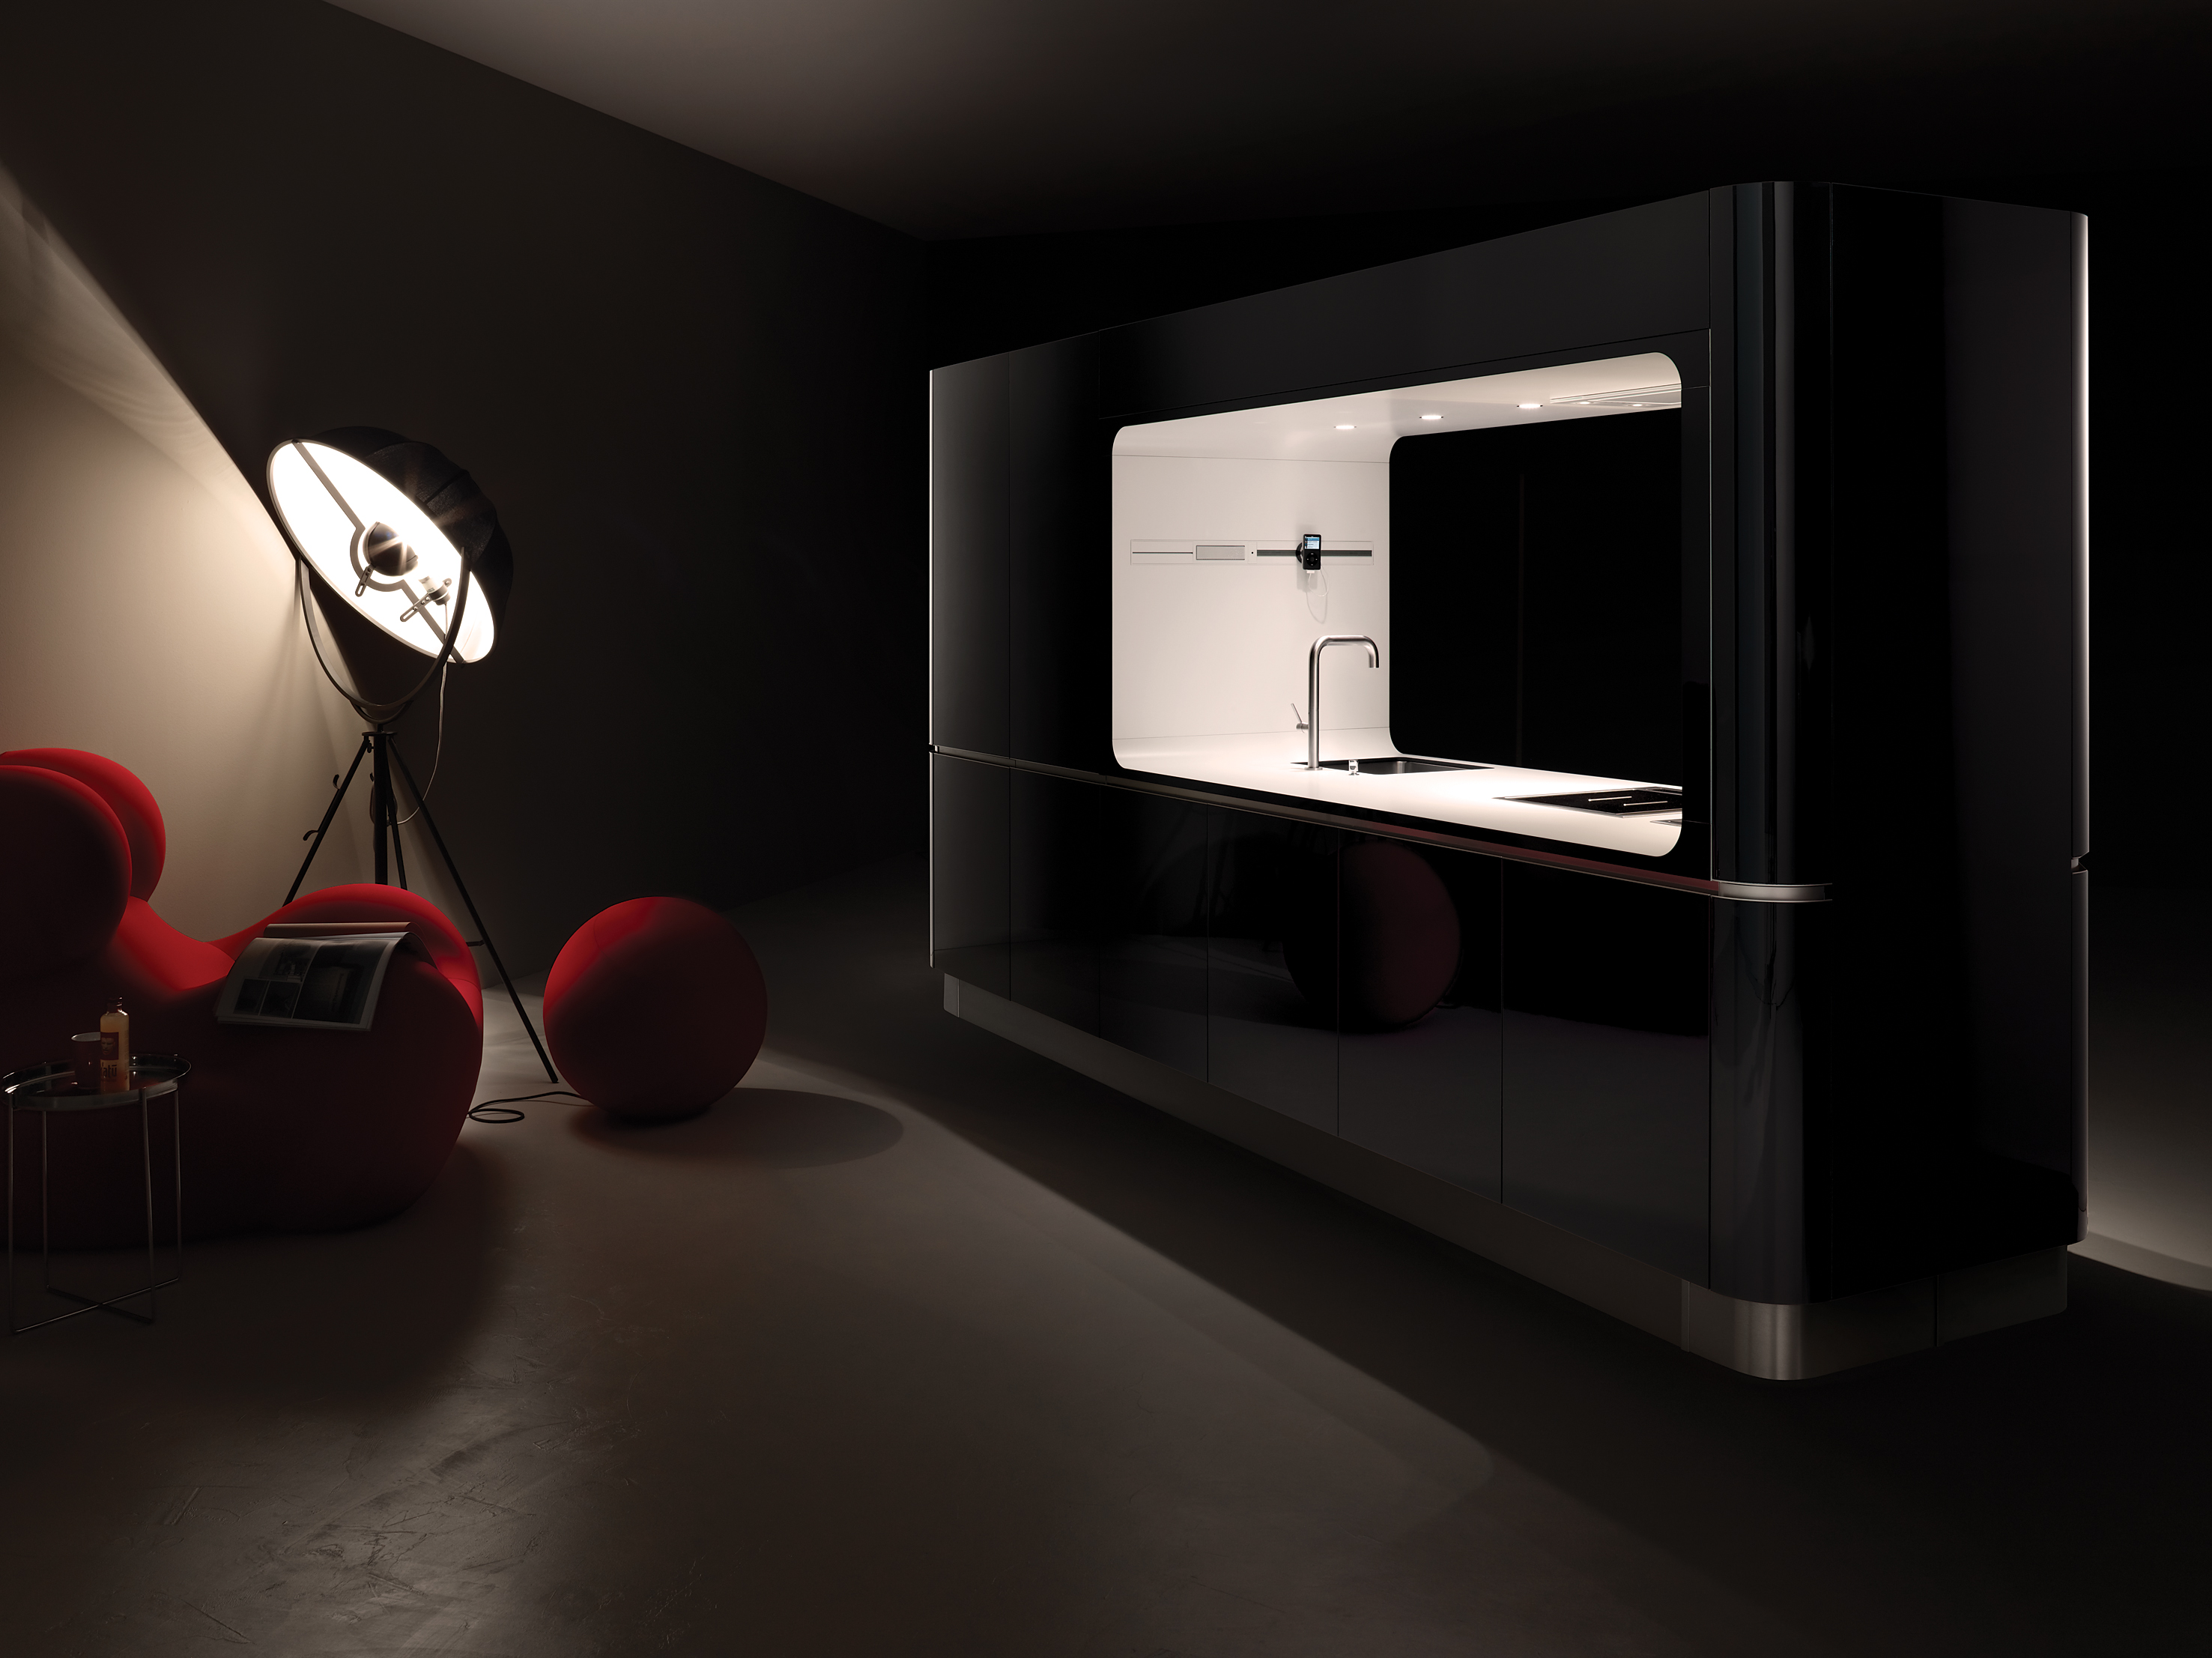 frame, la cucina super compatta | bandazine - Cucine Compatte Design